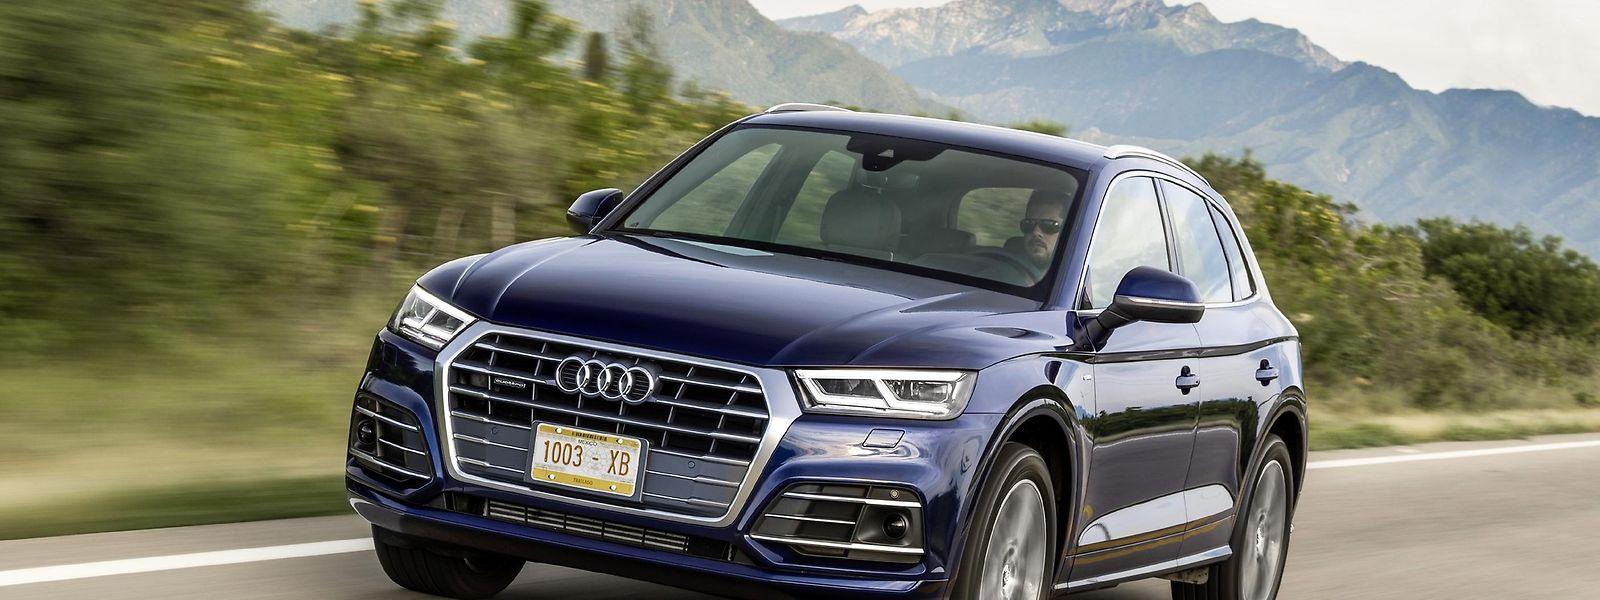 Der neue Audi Q5 kommt gestrafft und athletisch daher, ohne radikal mit dem Design des Vorgängers zu brechen.